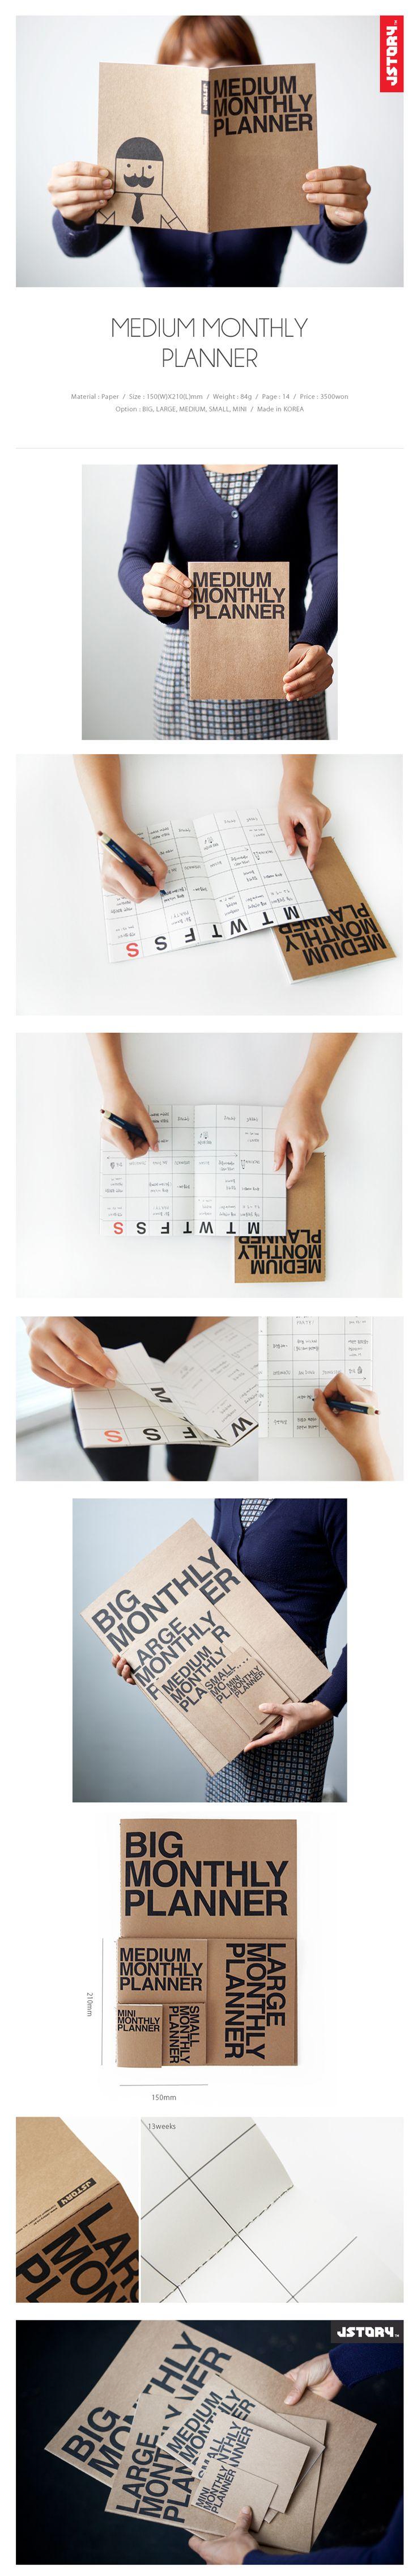 Планинг 'New Medium Monthly Planner'